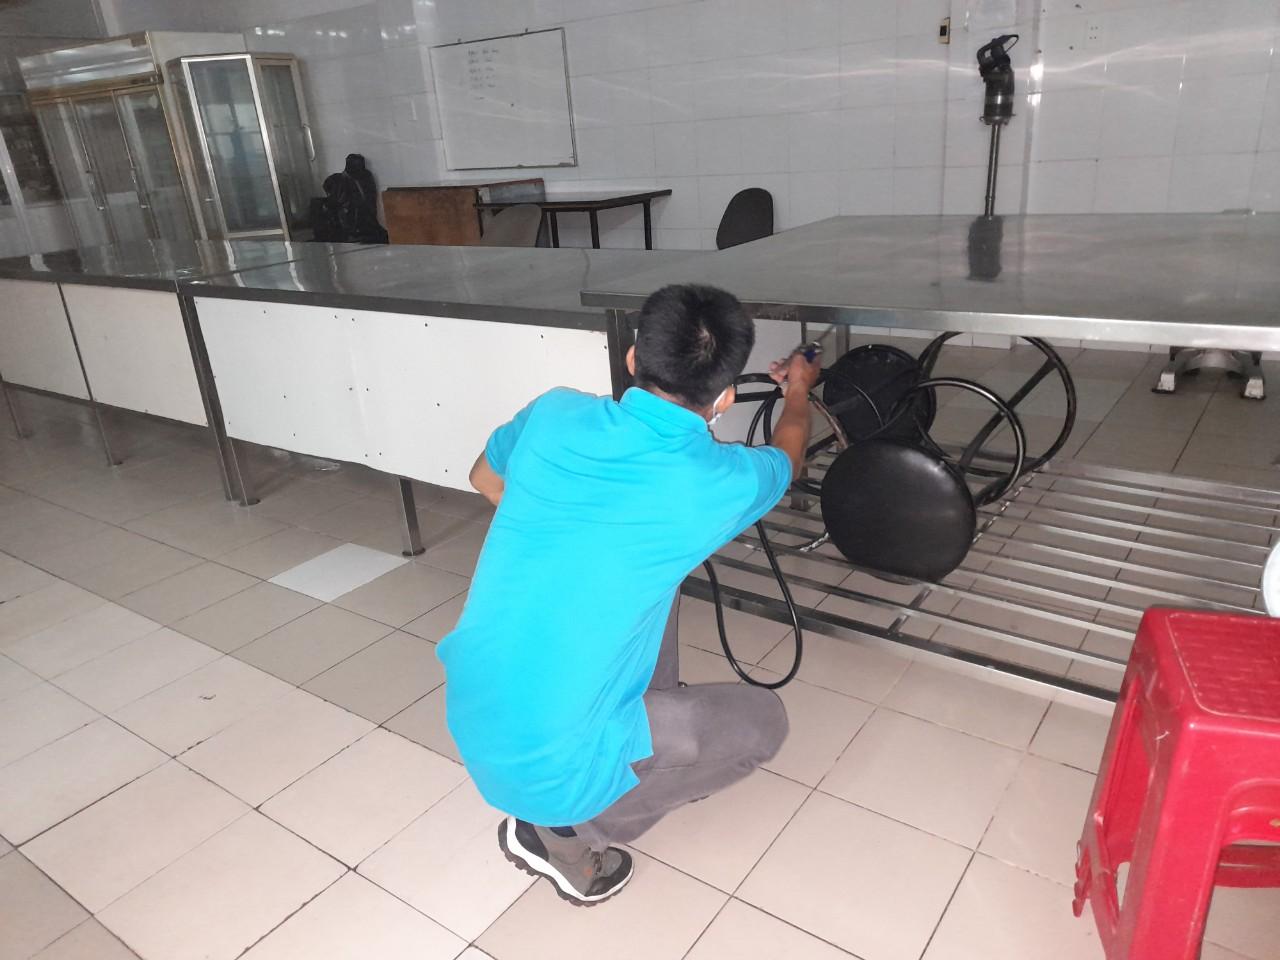 dịch vụ diệt chuột tại nhà tphcm